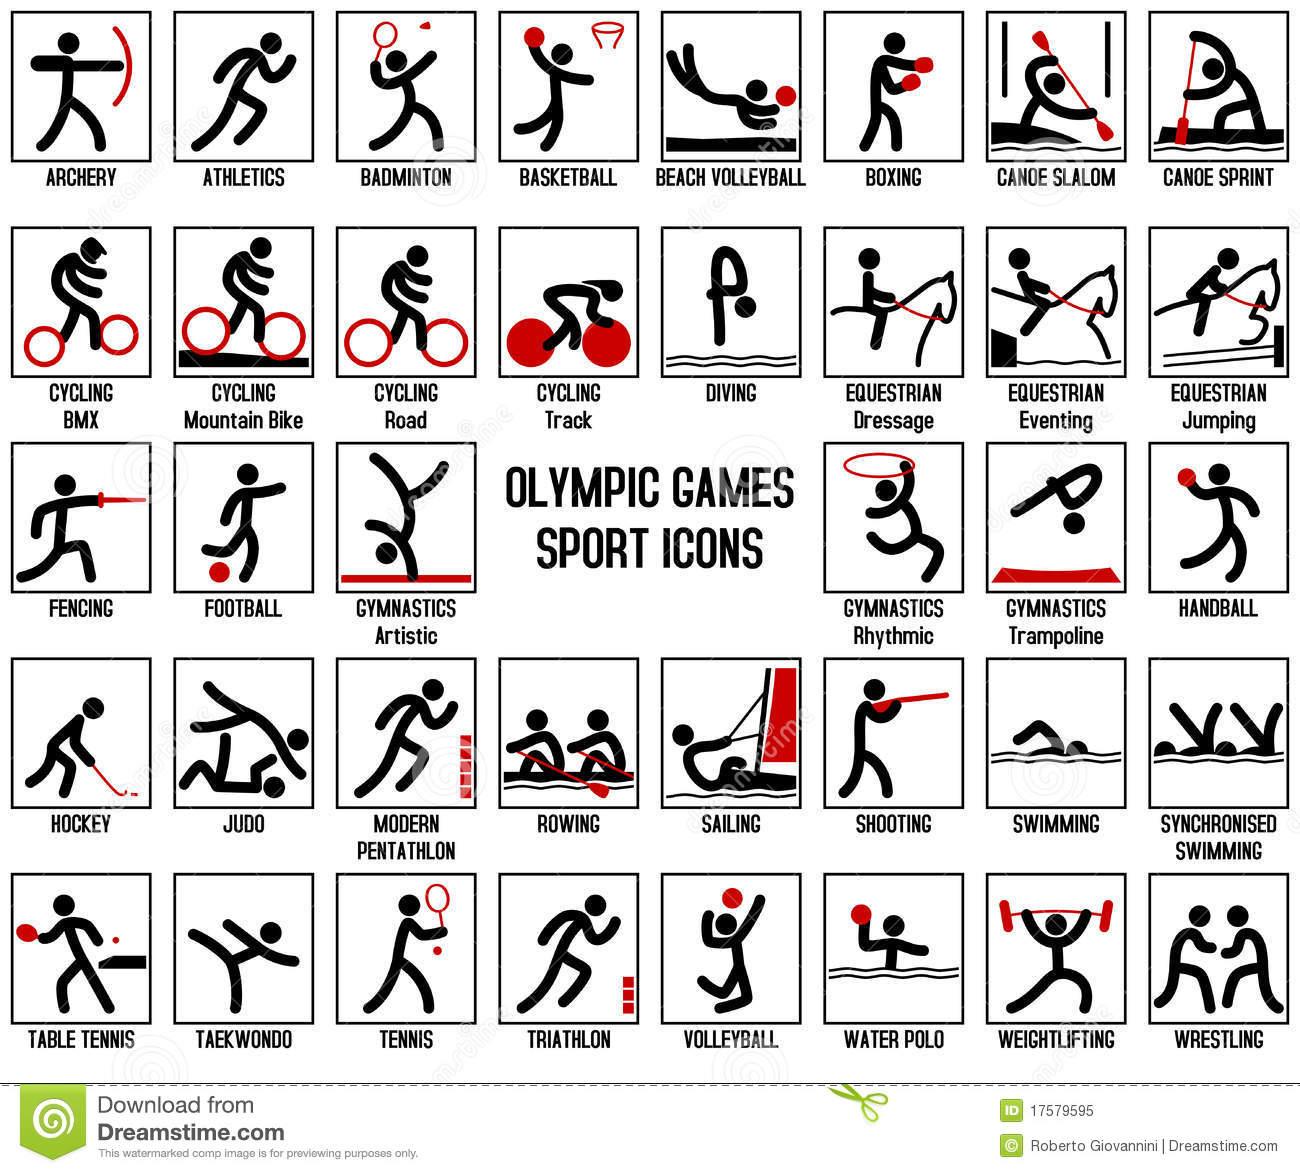 icone-di-sport-dei-giochi-olimpici-17579595